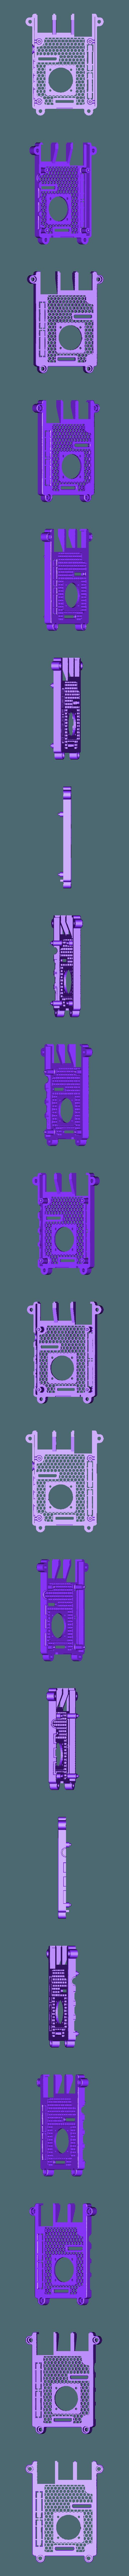 SLIM_25MM_SLOTTED.STL Télécharger fichier STL gratuit Étui Pi 4B Framboise Framboise • Objet pour imprimante 3D, mkellsy